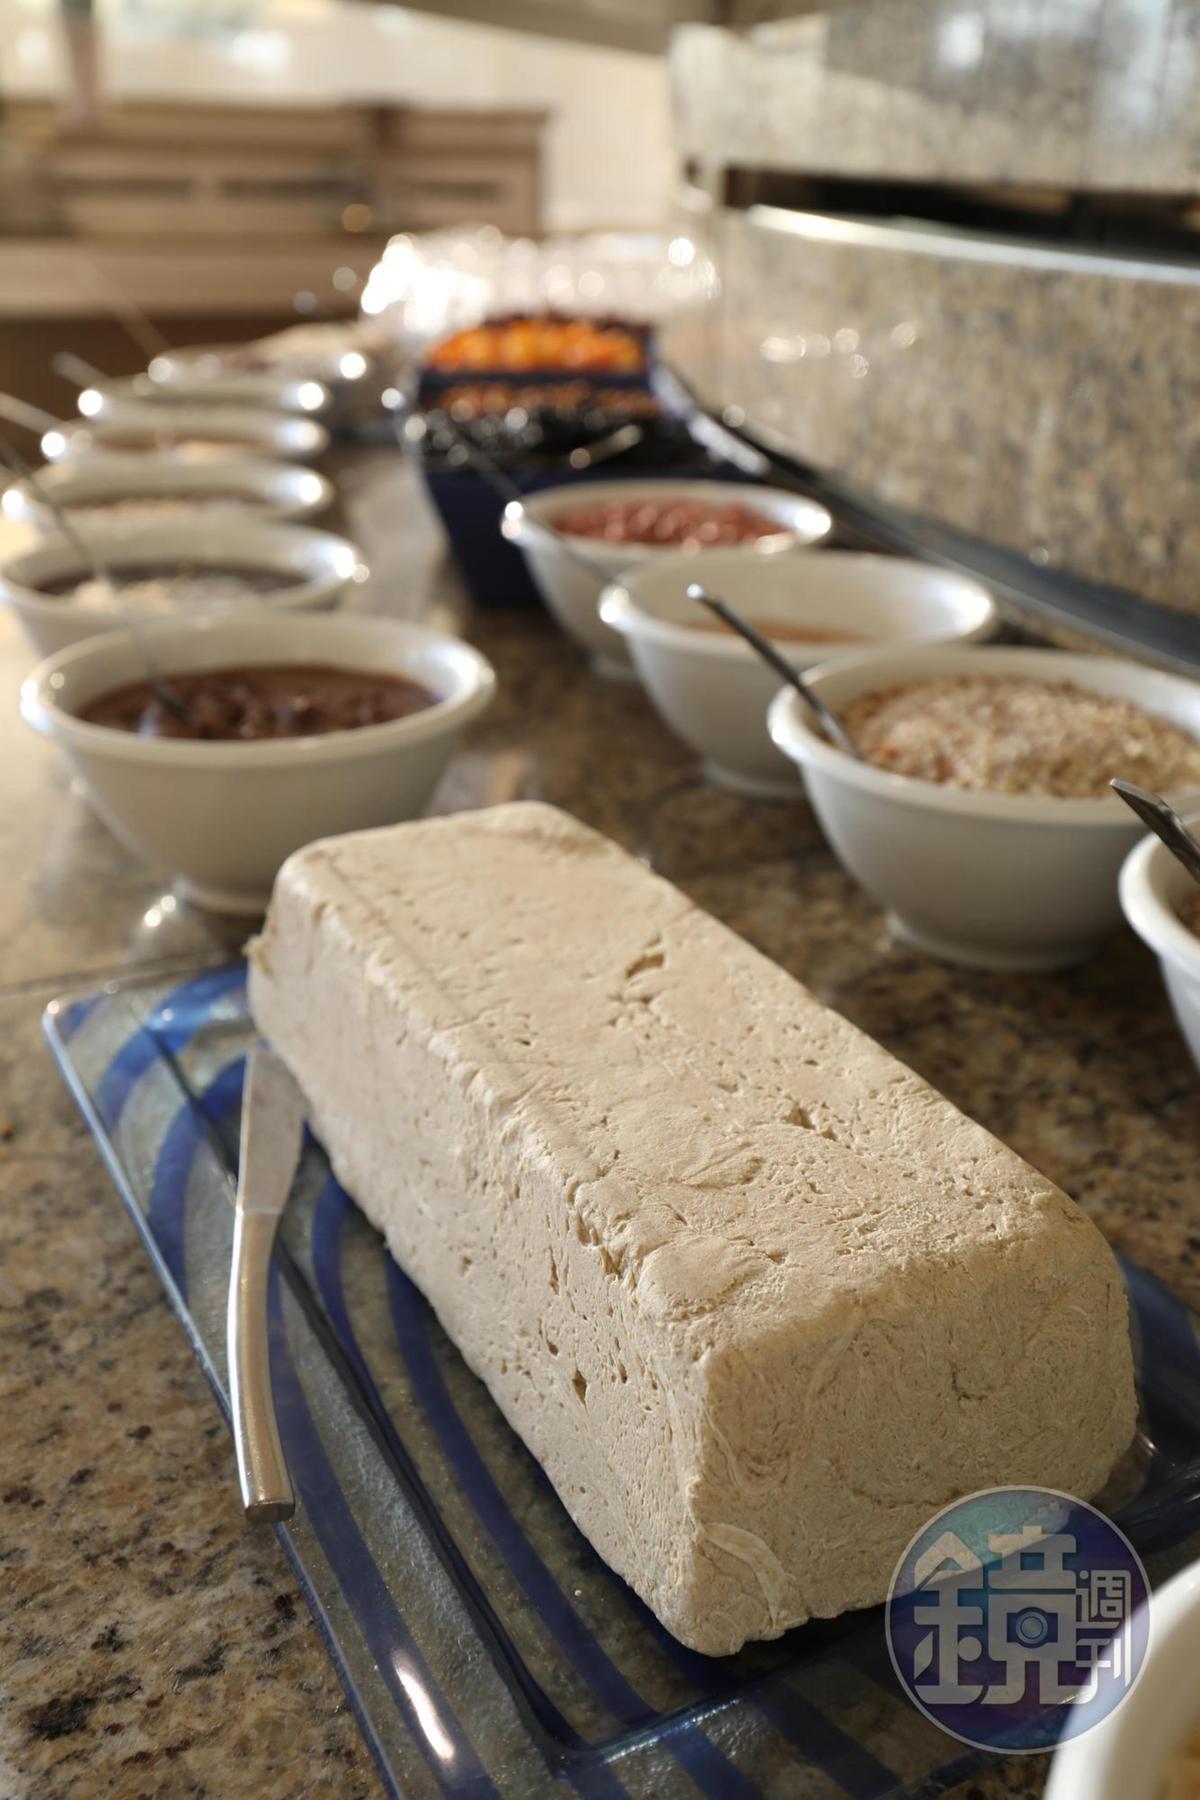 安息日無人服務的早餐,早已擺上中東式甜點,滋味頗似花生酥。